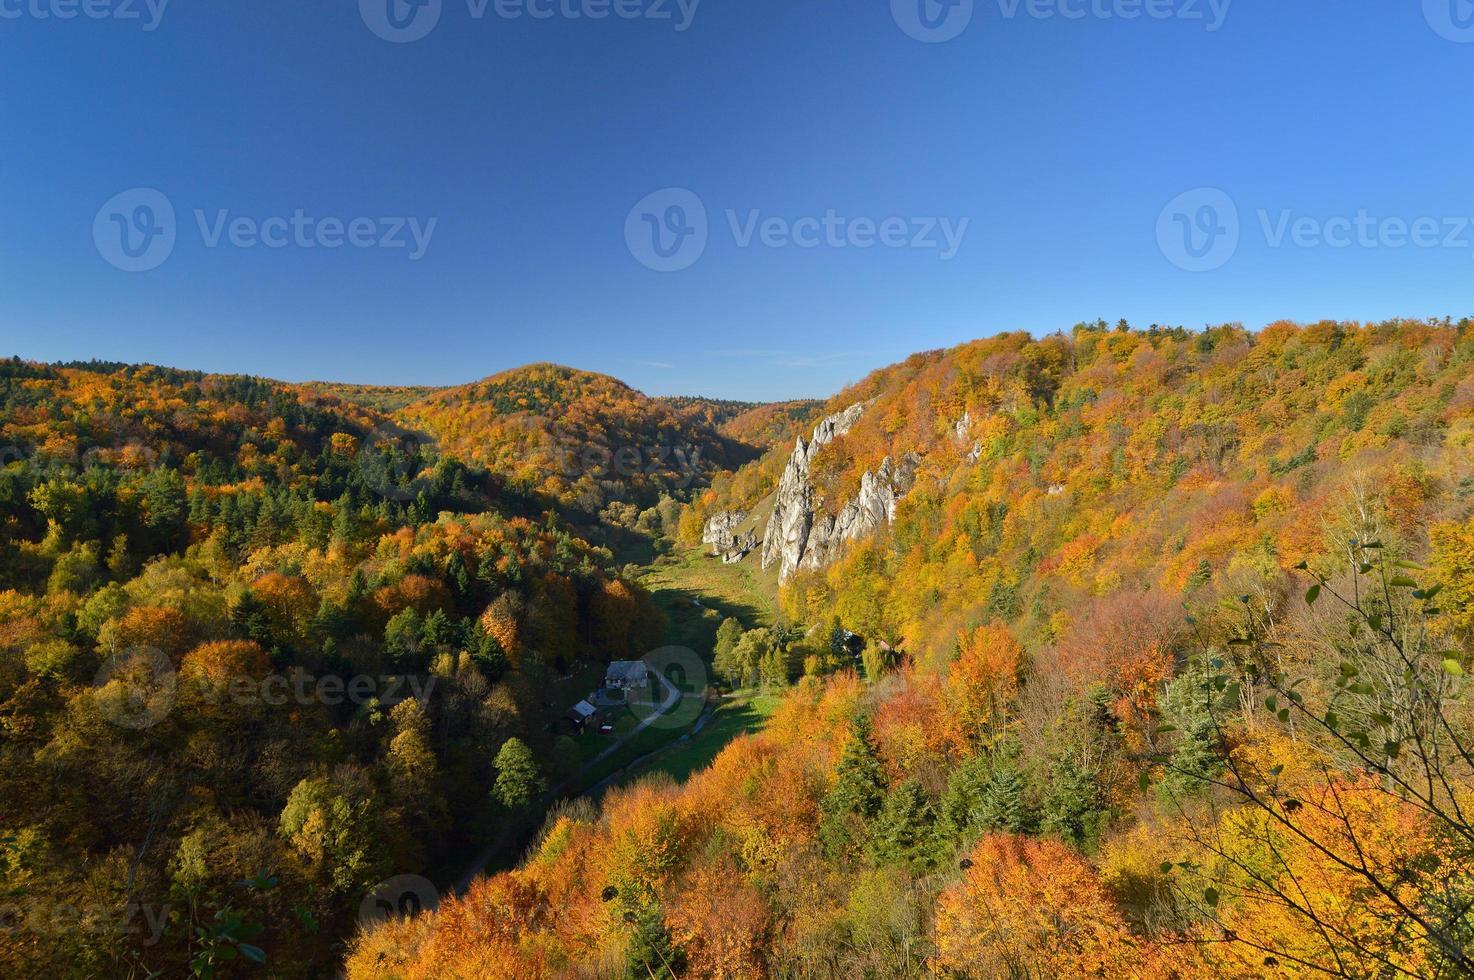 otoño en el parque nacional de ojcow. foto